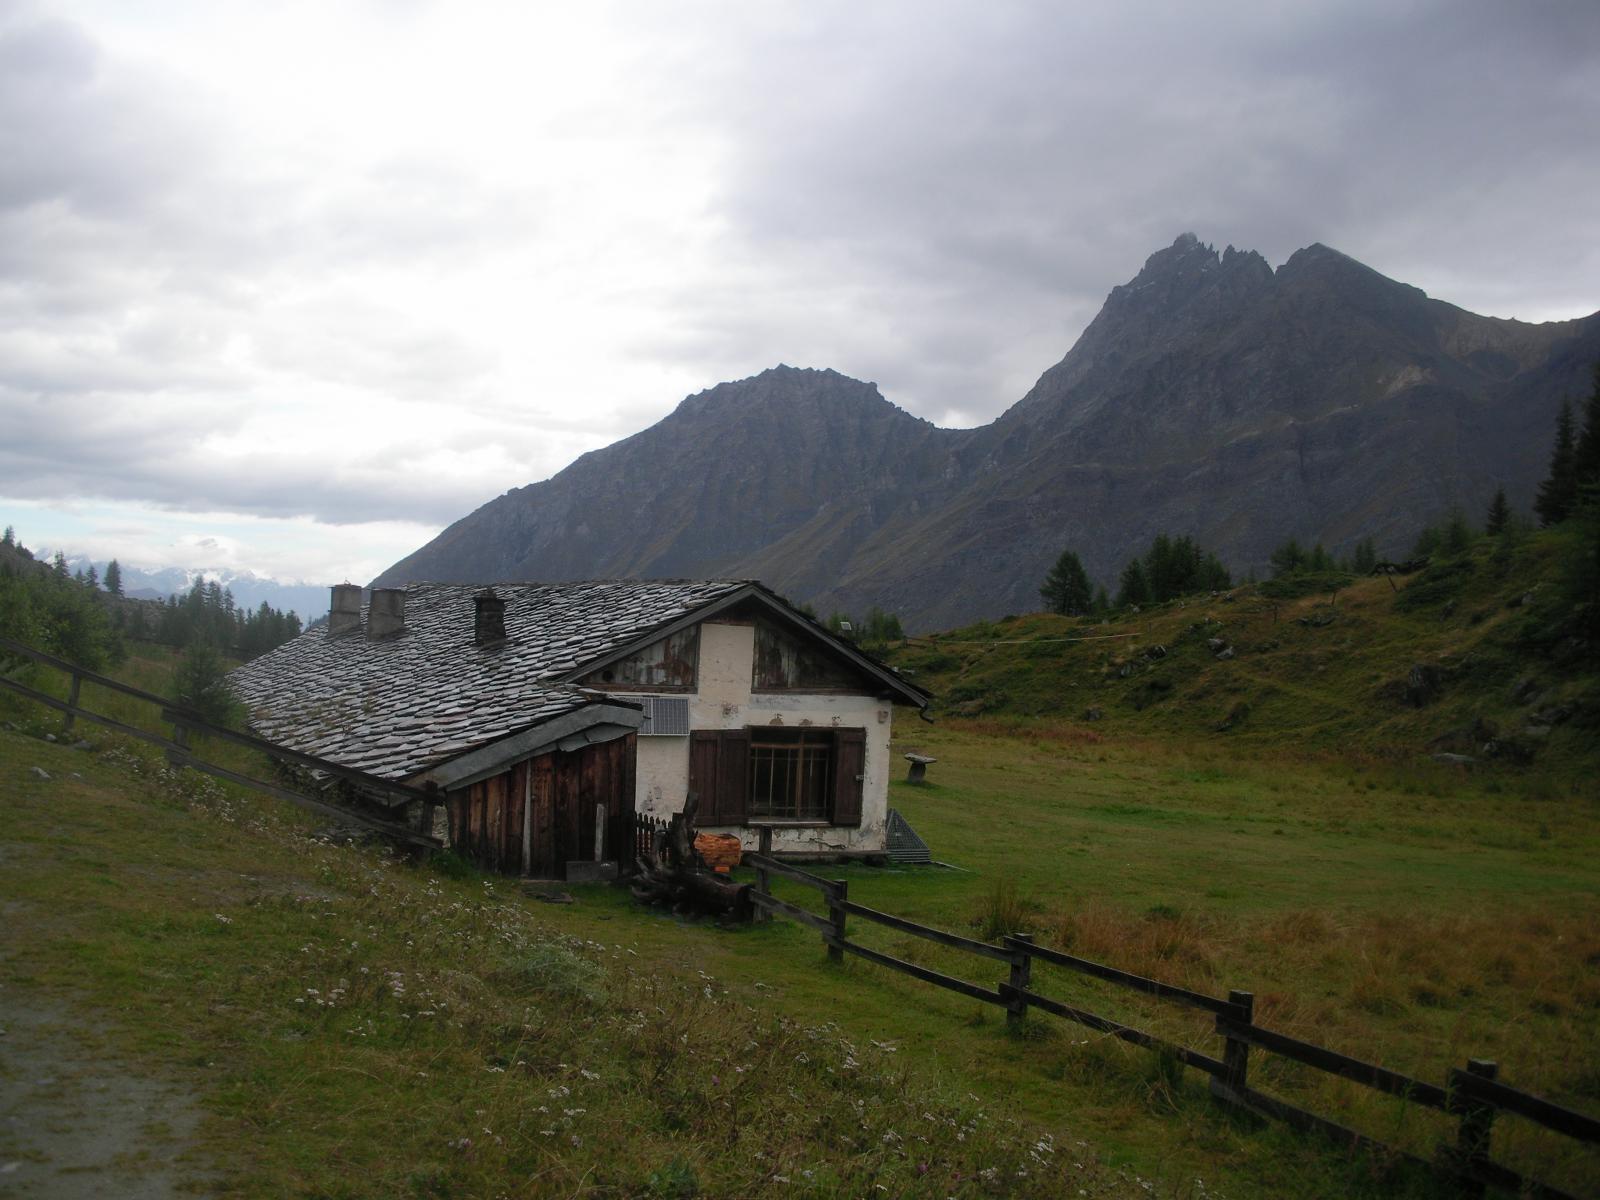 La reale casa di caccia a Orvieille gli fa da sfondo il Gran Nomenon alla dx  e il M. Favret al centro..